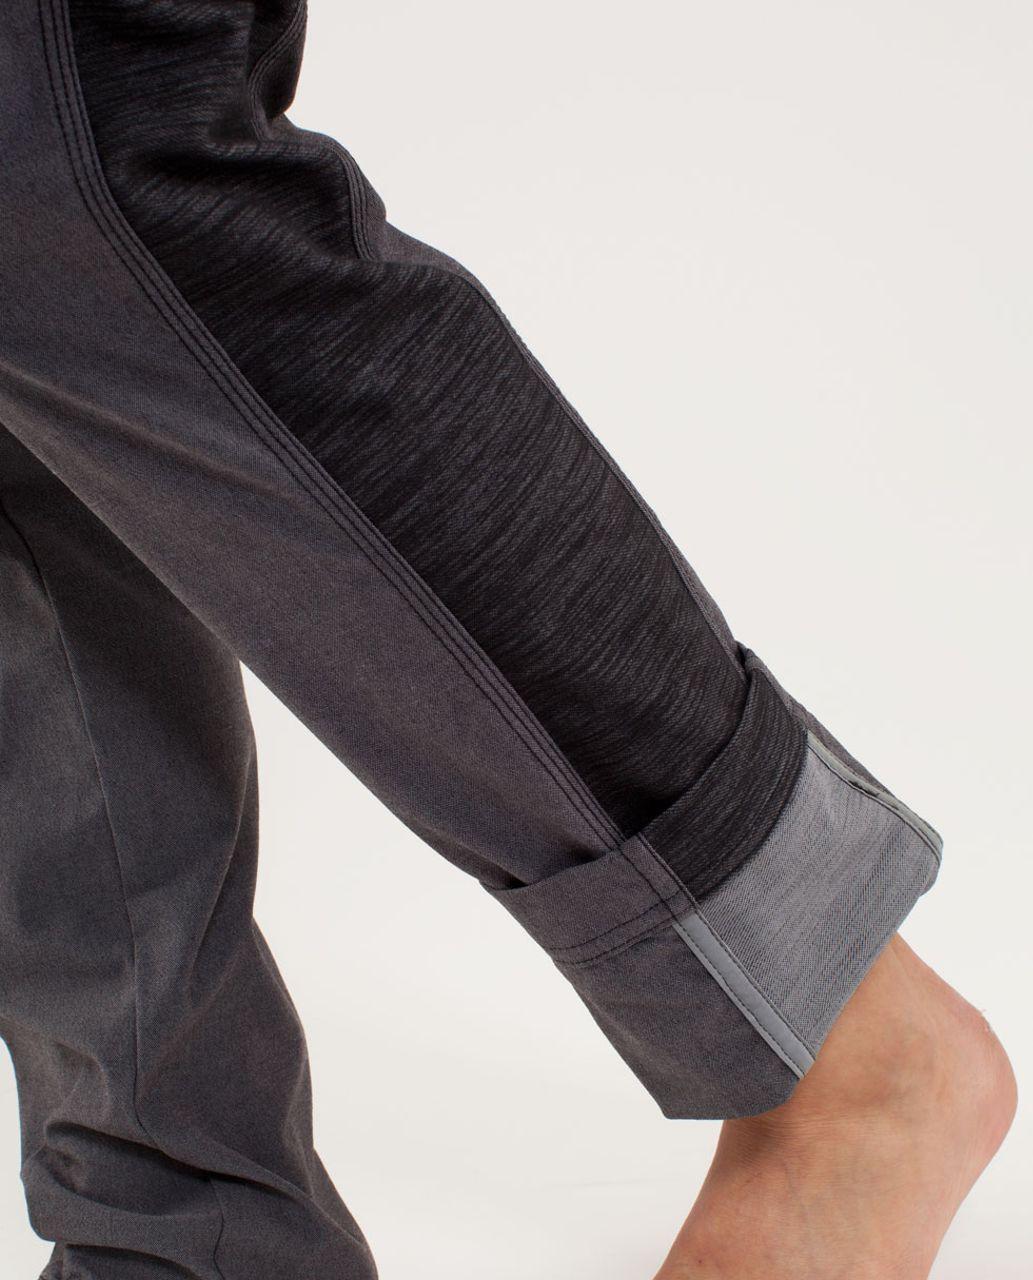 Lululemon Ride On Pant - Black /  Fossil